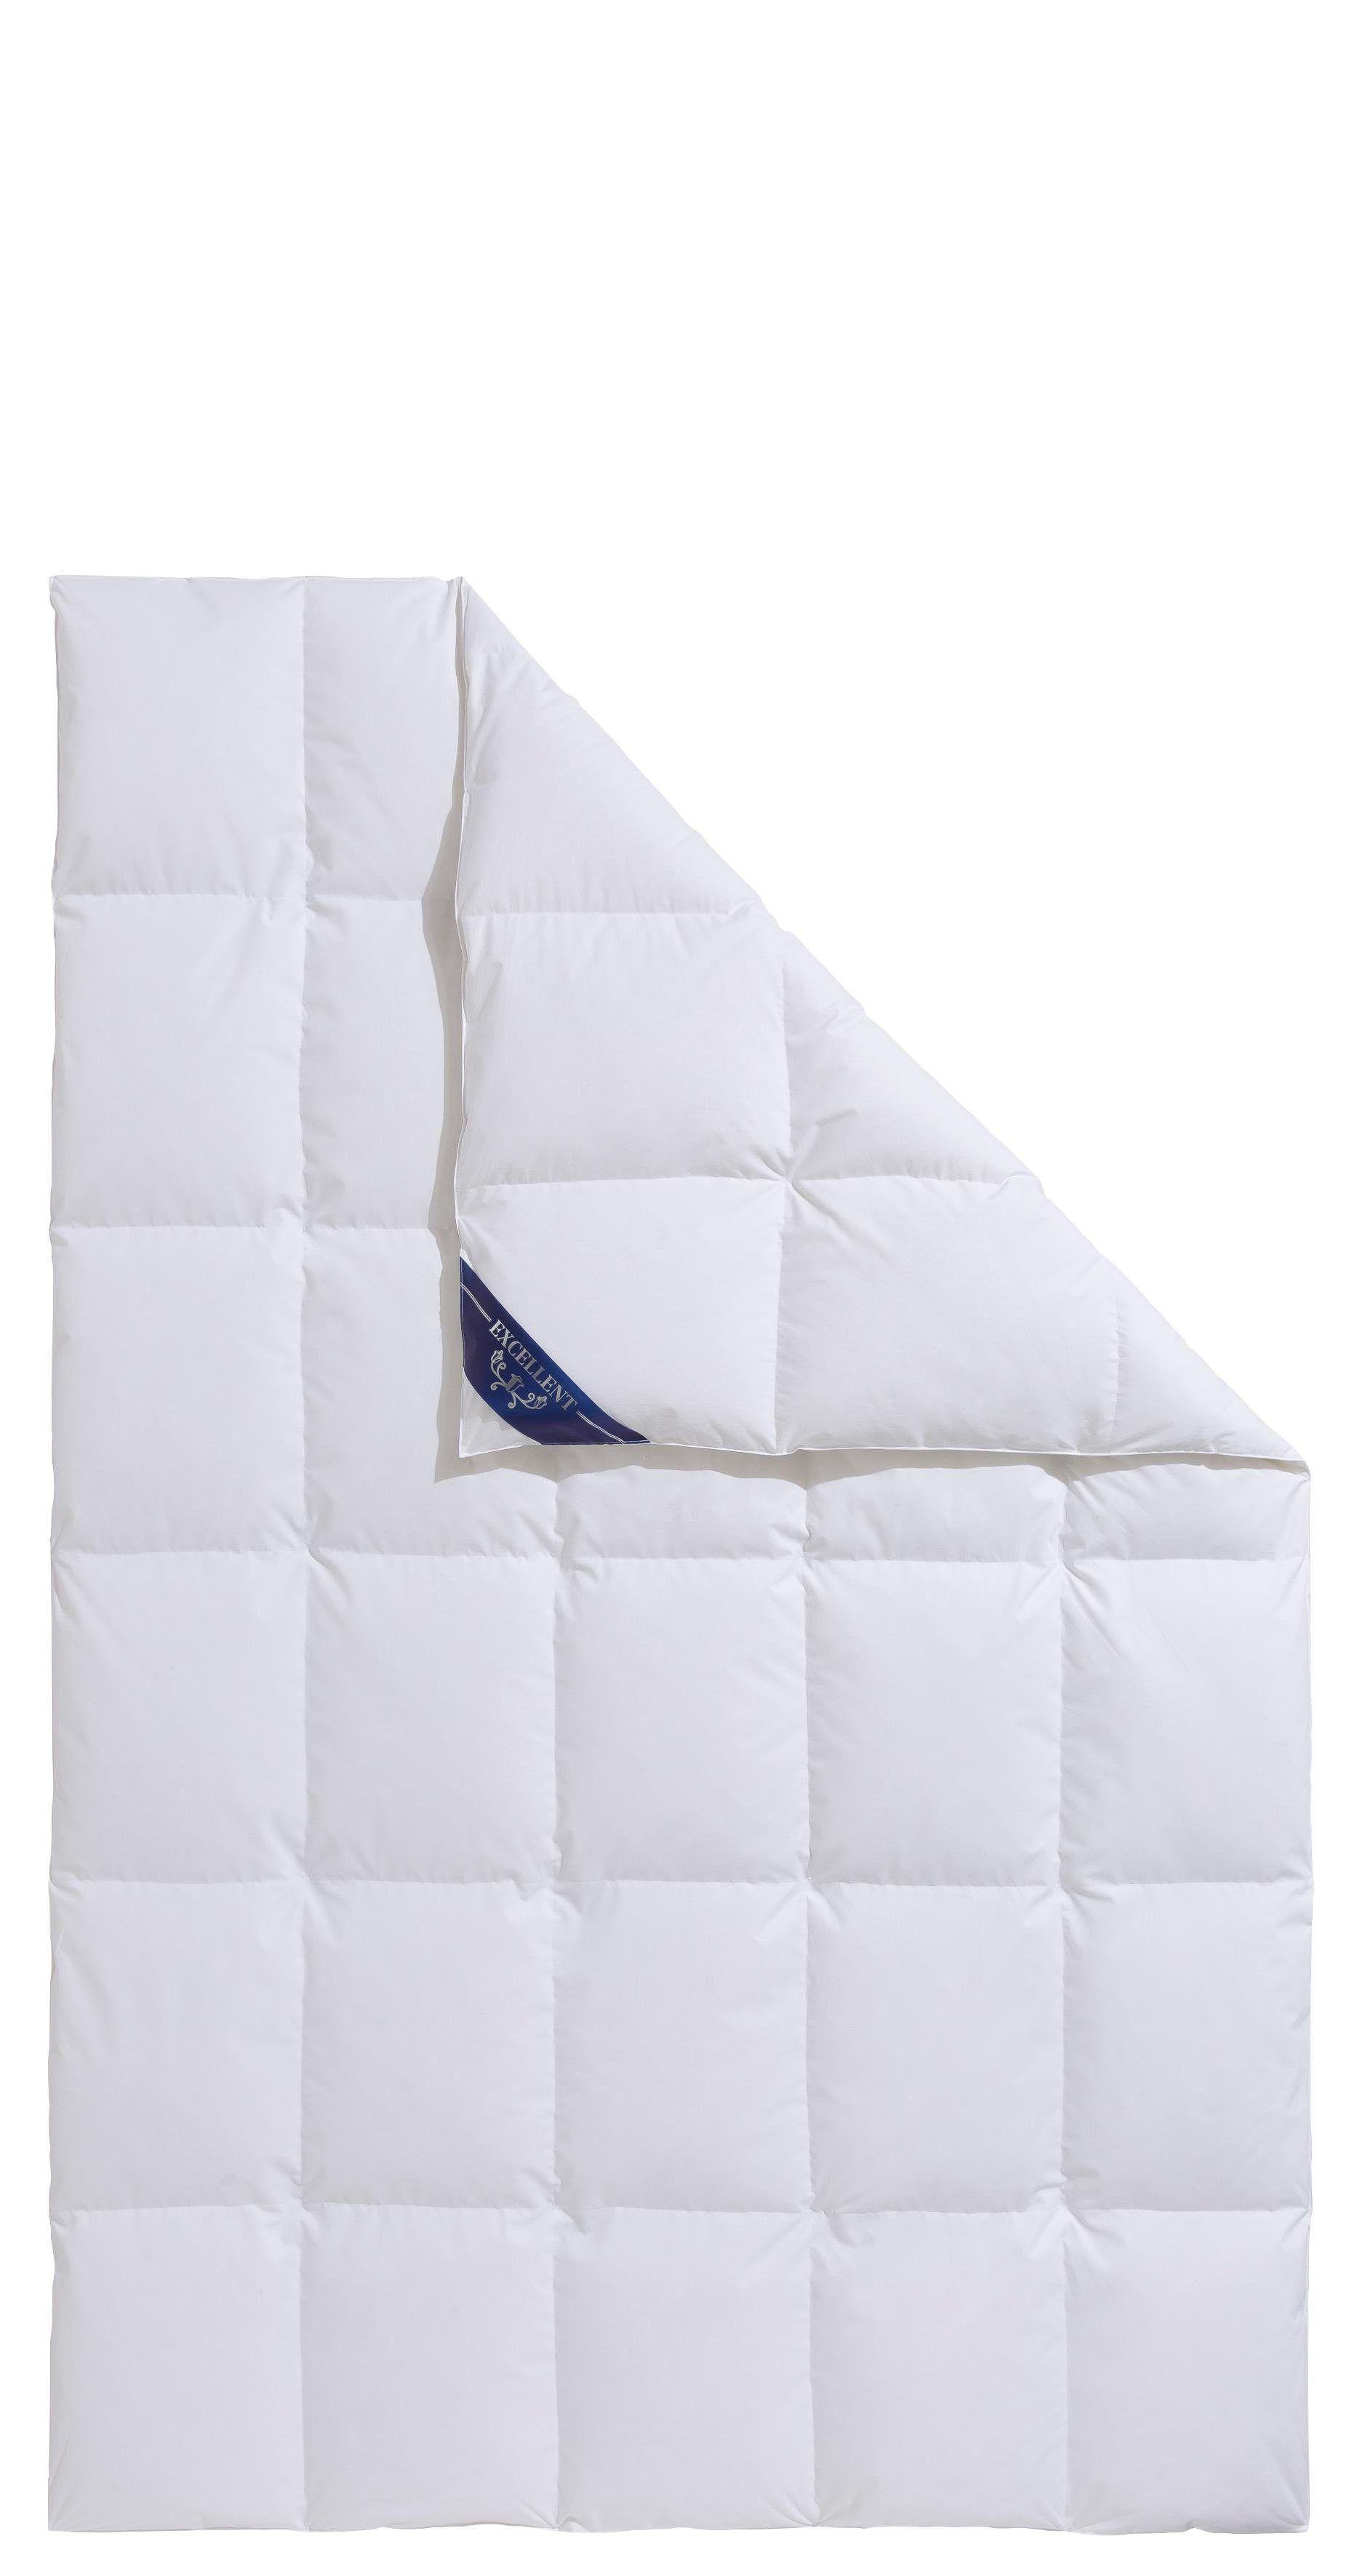 Excellent Daunenbettdecke + Daunenkissen »Lugano«, 155x220 cm + 80x80 cm, weiß